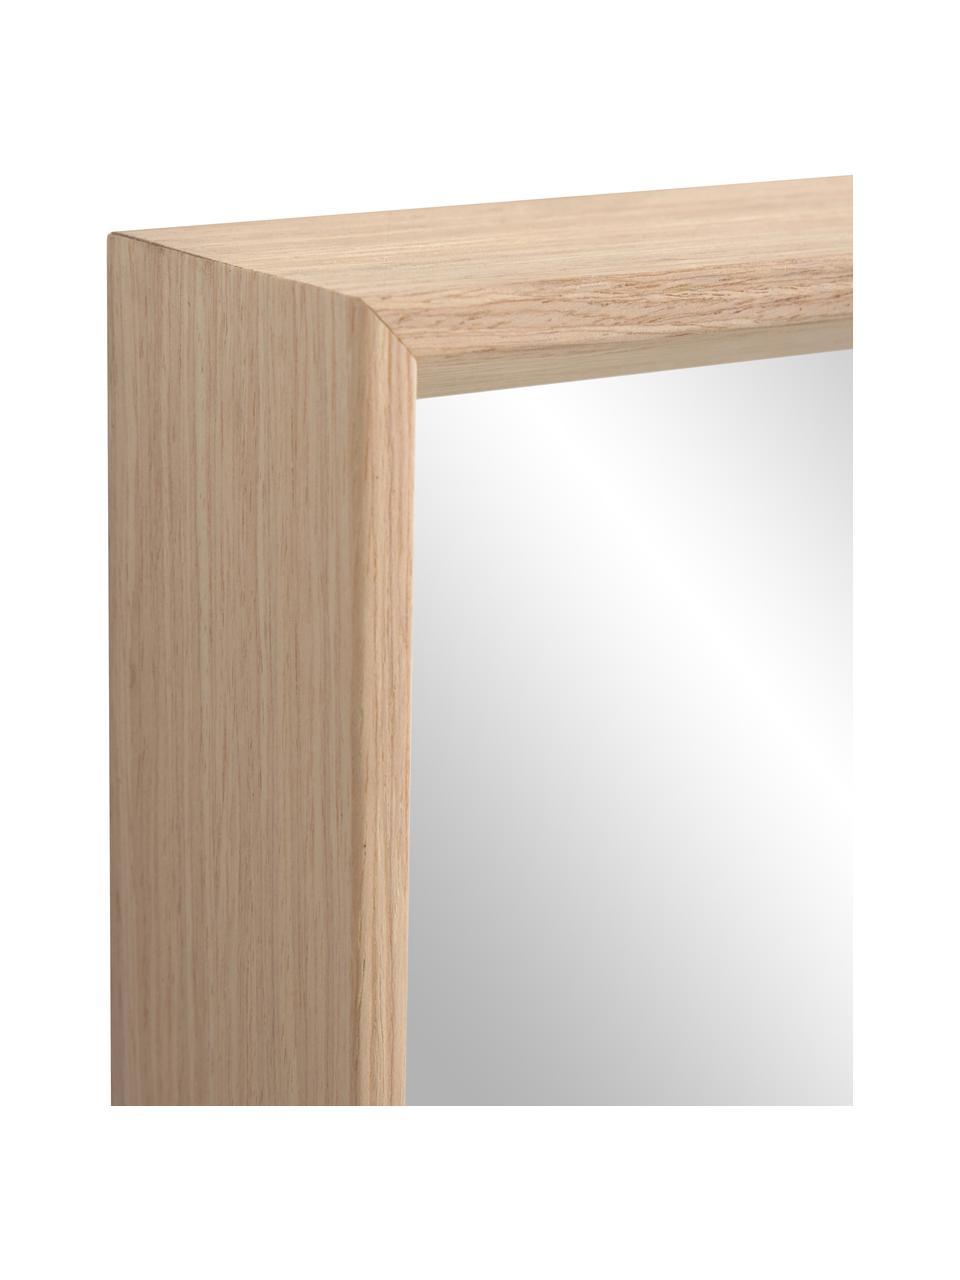 Wandspiegel Nerina mit Holzrahmen, Rahmen: Holz, Spiegelfläche: Spiegelglas, Beige, 52 x 152 cm